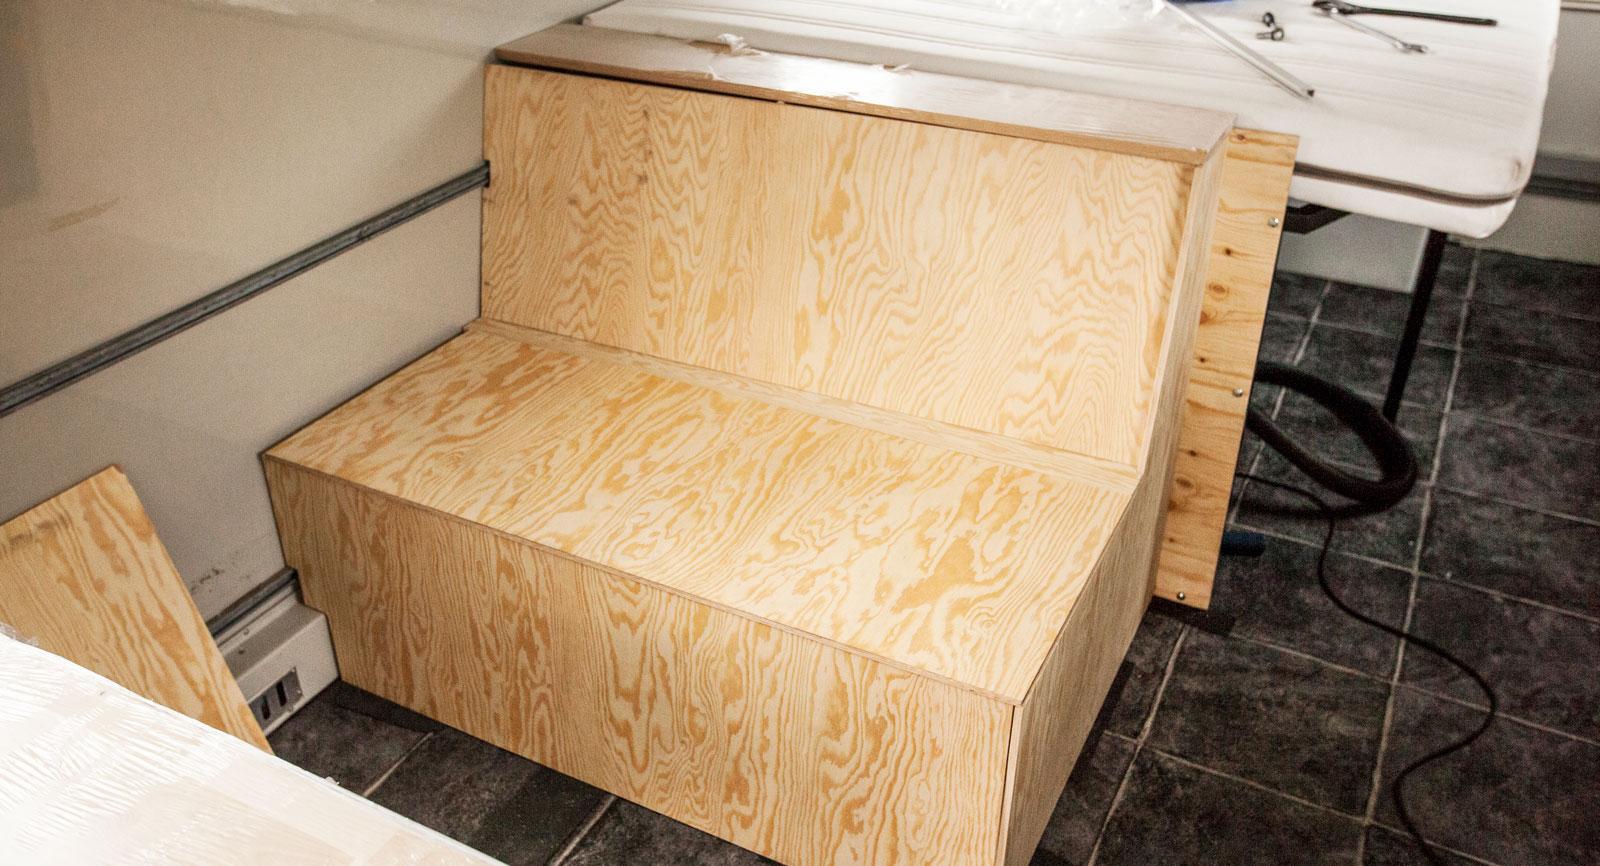 Soffornas stomme är gjorda av plywoodbitar. Här löst ditlagda för att se så det funkar.